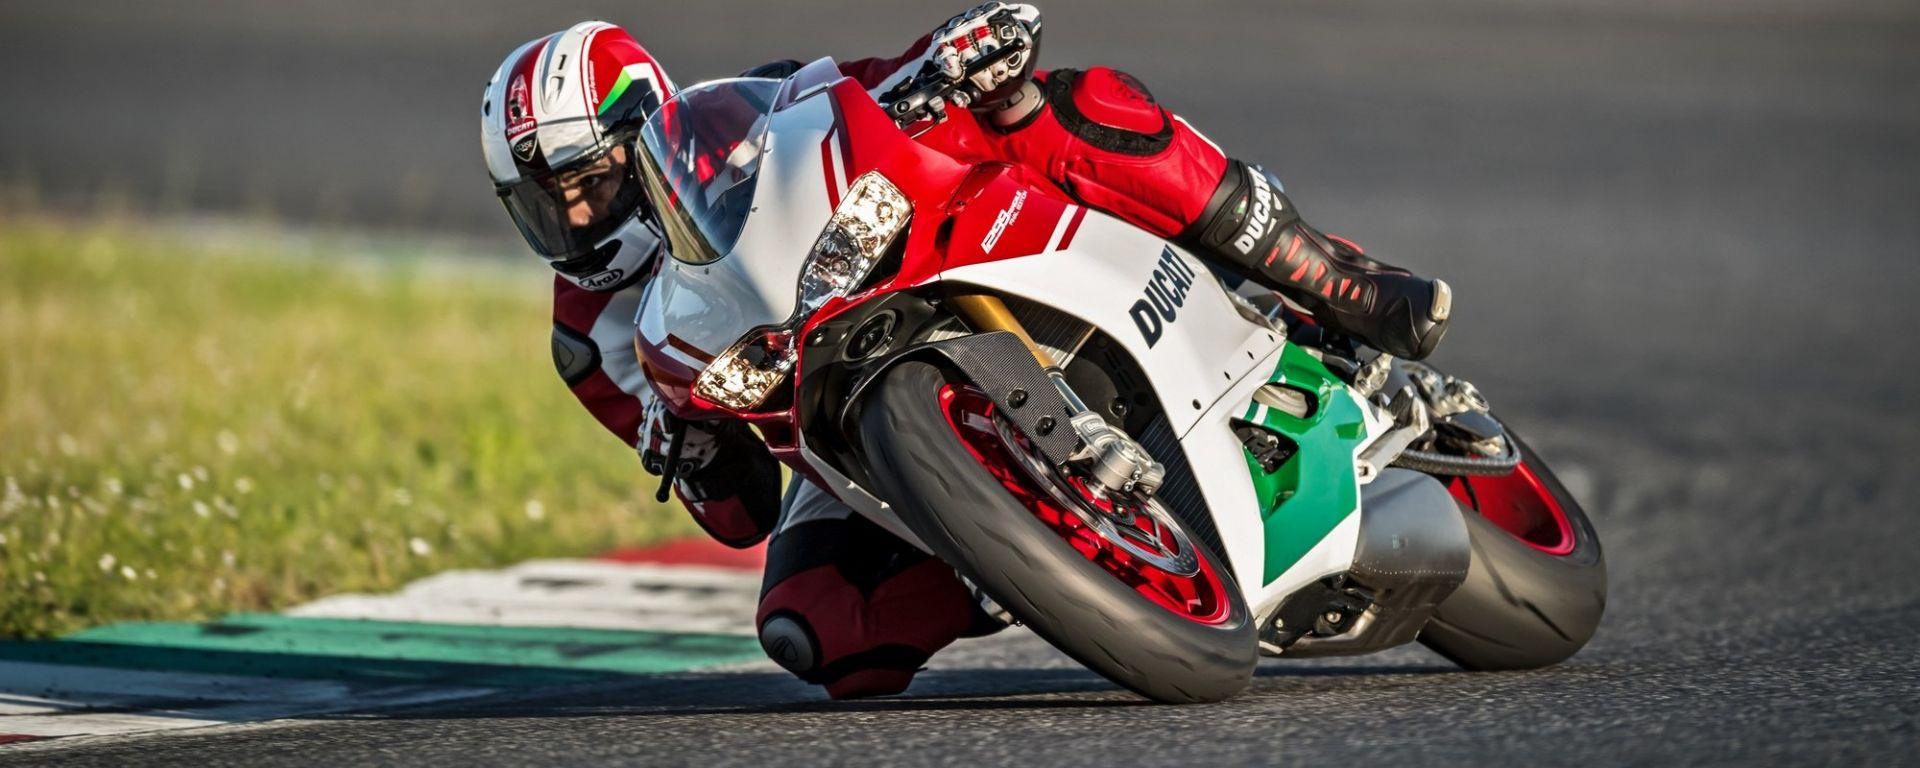 Ducati 1299 Panigale R Final Edition: vista 3/4 anteriore